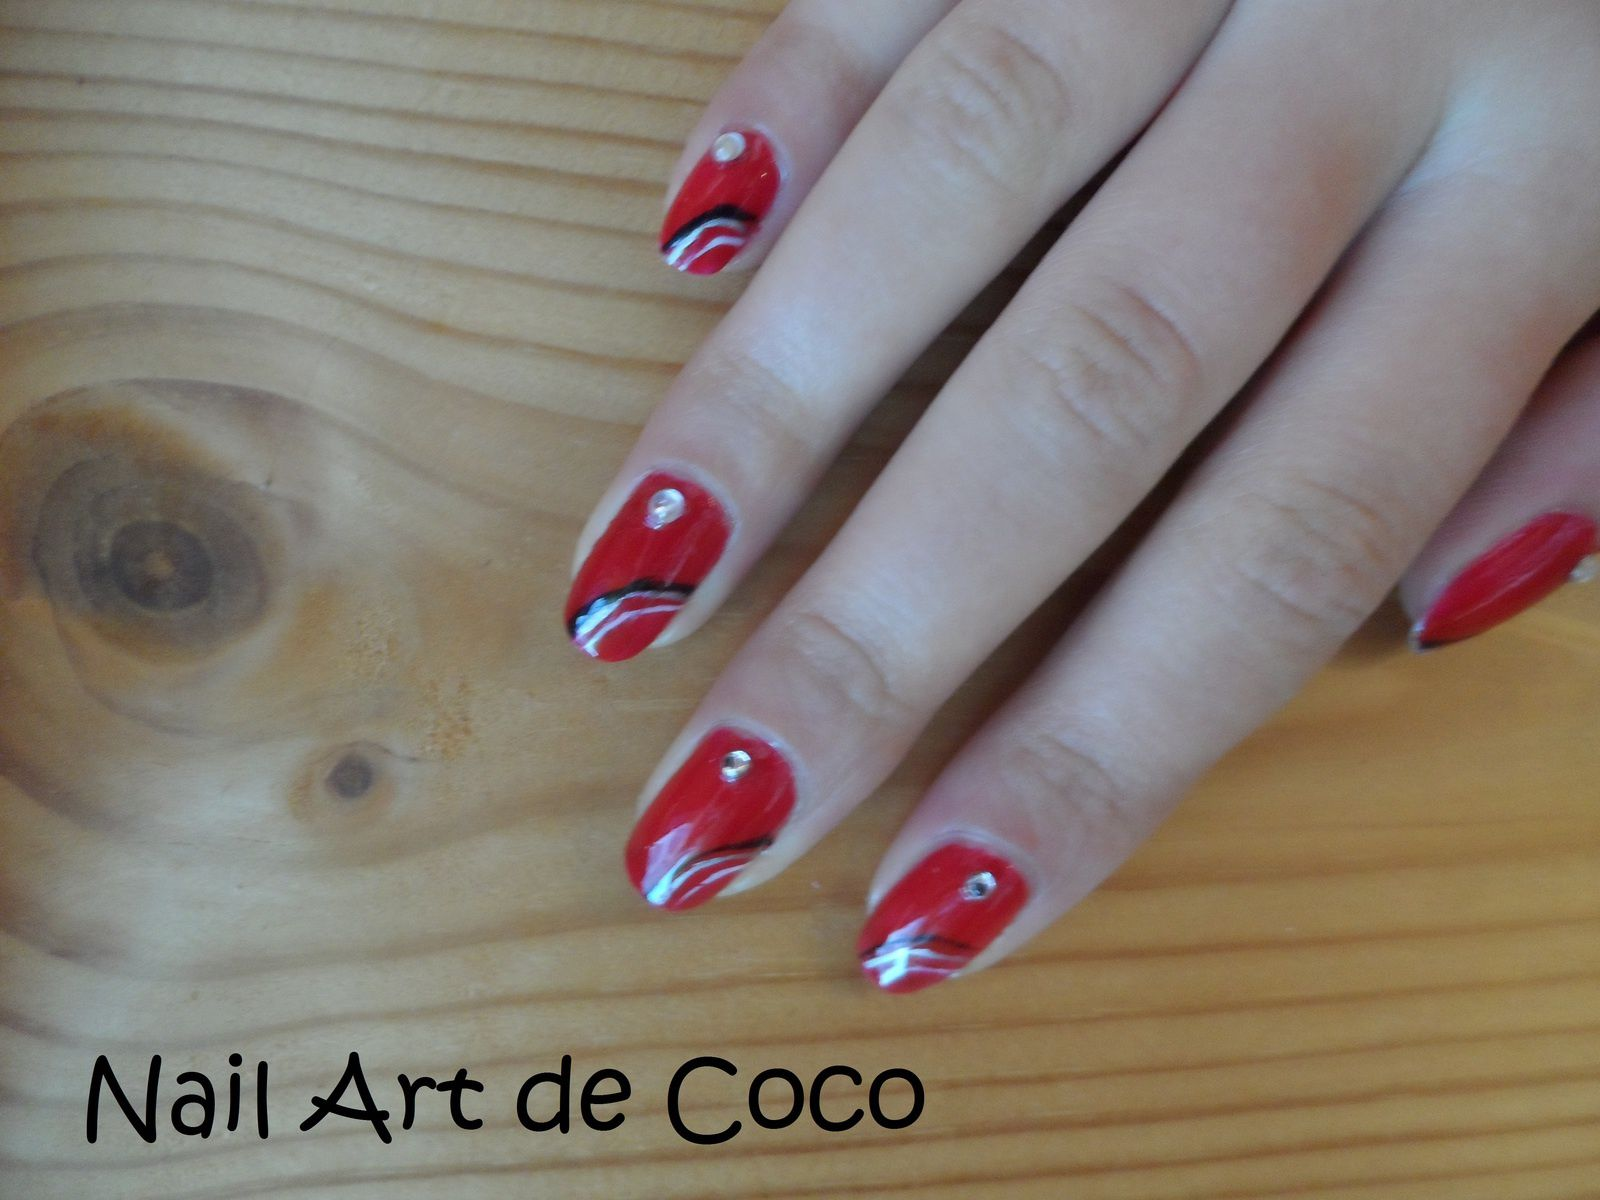 Nail Art Glamour Et Chic Femme Fatale Jusqu Aux Bouts Des Ongles